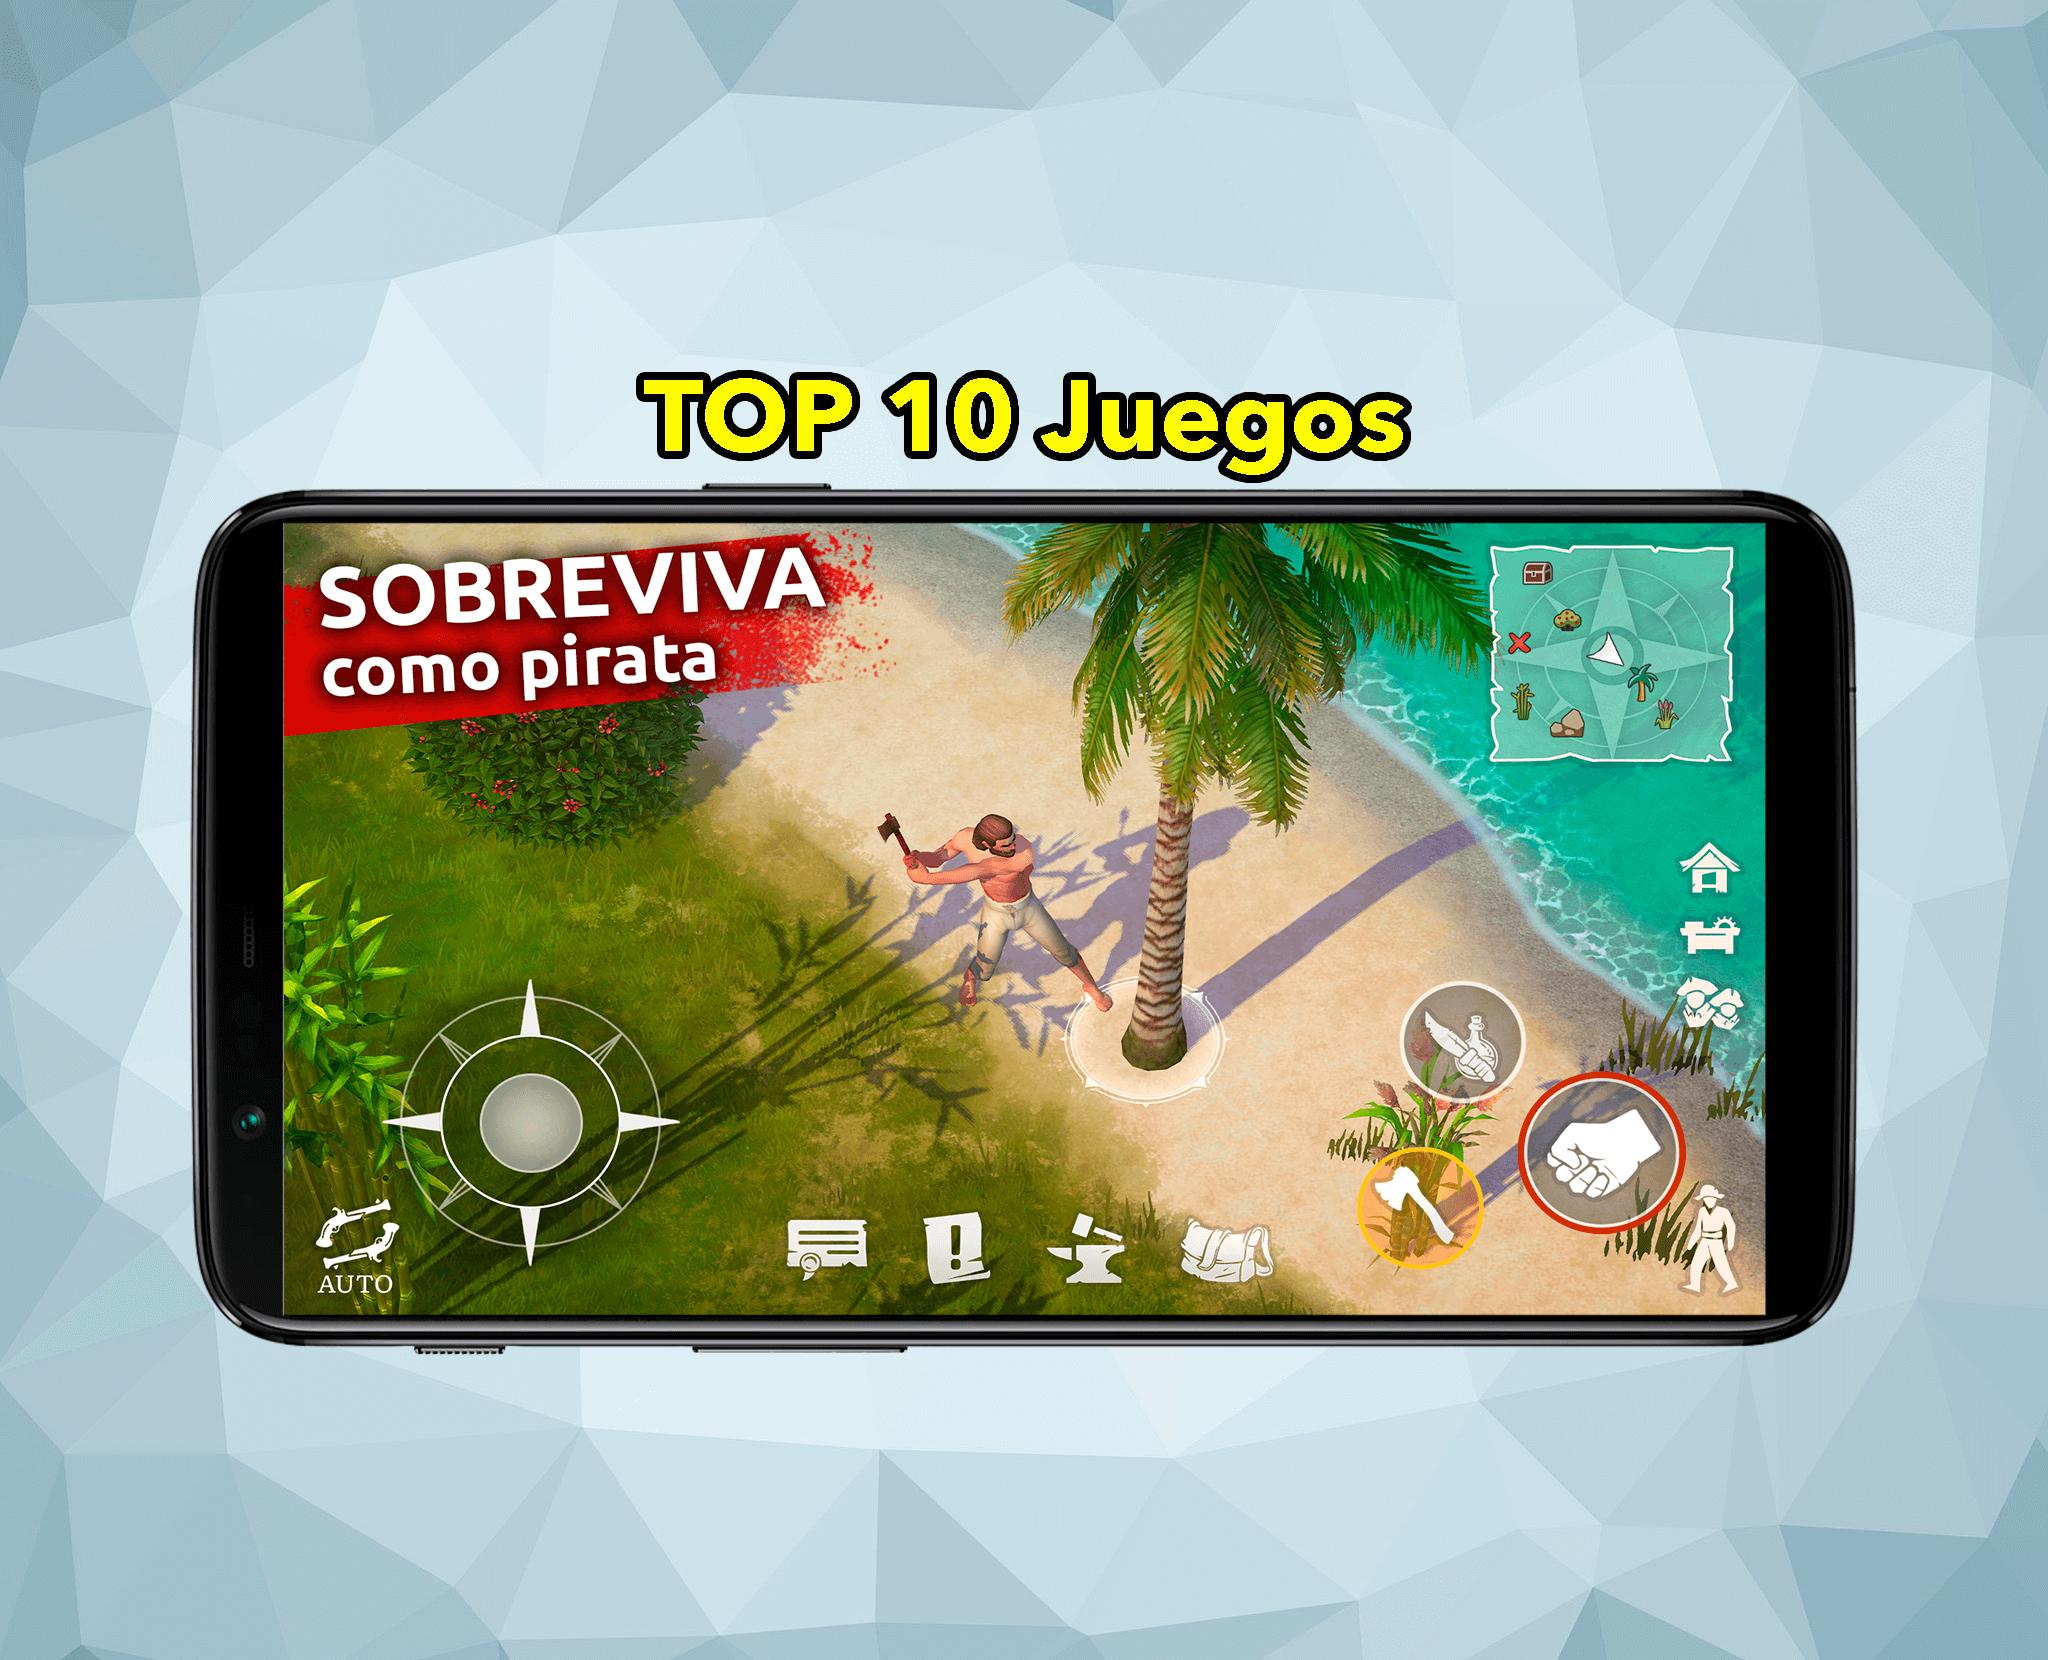 TOP 10 Juegos para Android nuevos y gratis